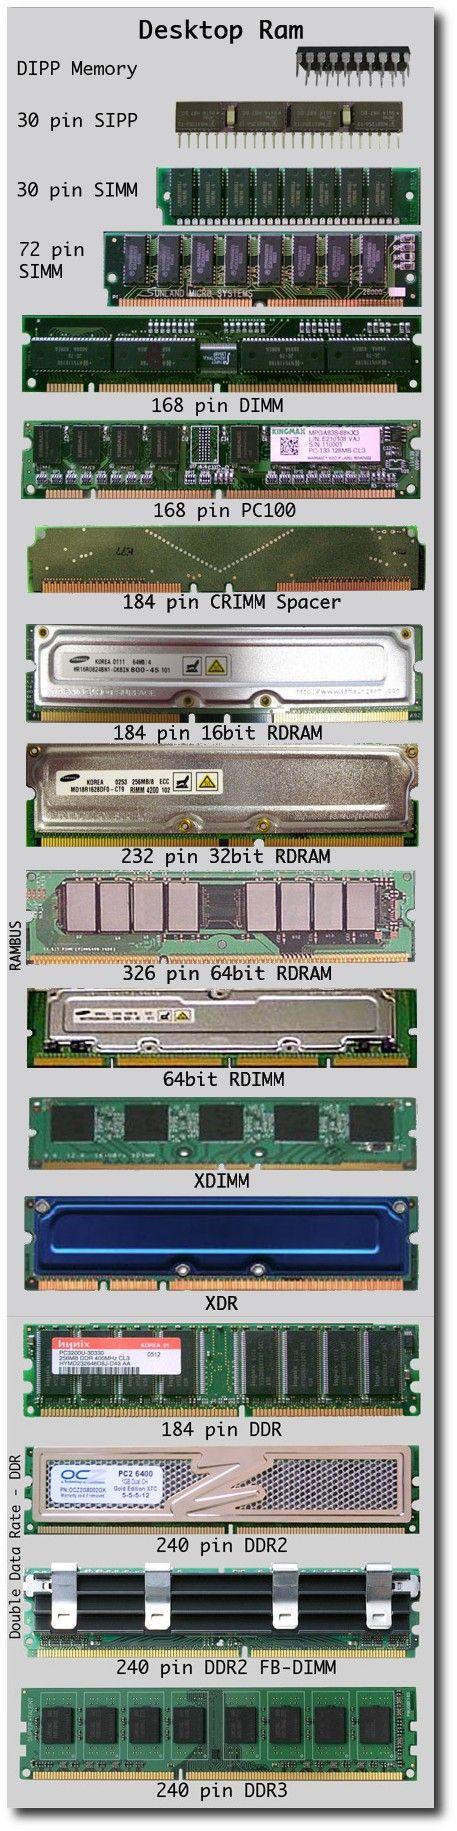 Desktop Ram , Types of Ram , chart